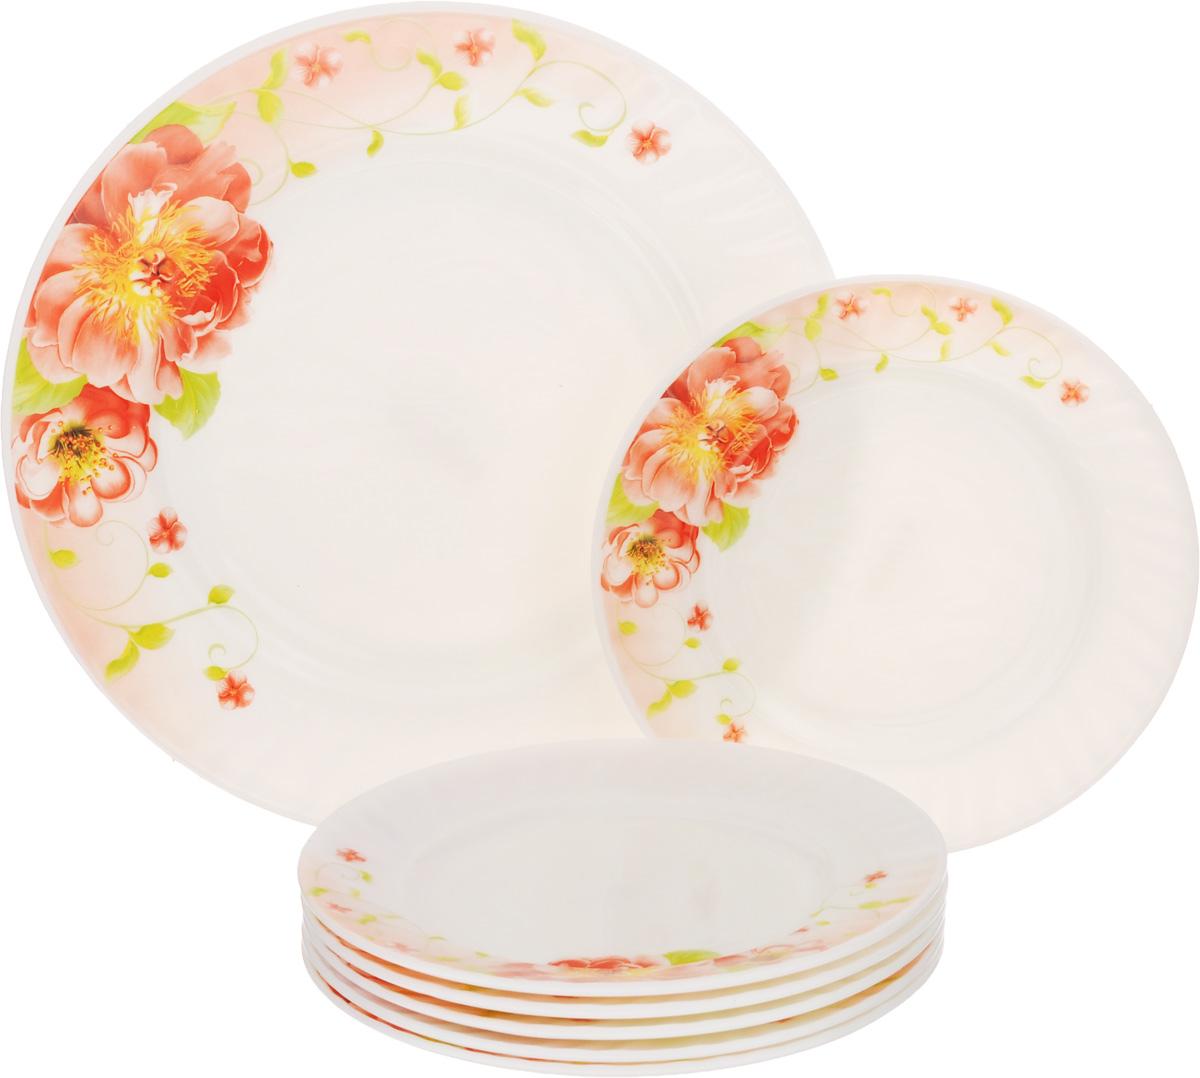 Набор тарелок Loraine, 7 шт23686Набор тарелок Loraine, выполненный из высококачественного стекла, состоит из семи тарелок: одно большое блюдо и шесть десертных тарелок. Изделия украшены изображением цветов, сочетающие в себе изысканный дизайн с максимальной функциональностью. Данный набор предназначен для красивой сервировки различных блюд.Оригинальность оформления придется по вкусу и ценителям классики, и тем, кто предпочитает утонченность и изящность.Можно использовать в холодильной камере и в микроволновой печи. Можно мыть в посудомоечной машине. Диаметр большого блюда: 25 см. Высота большого блюда: 2 см. Диаметр десертных тарелок: 18 см. Высота десертных тарелок: 1,5 см.